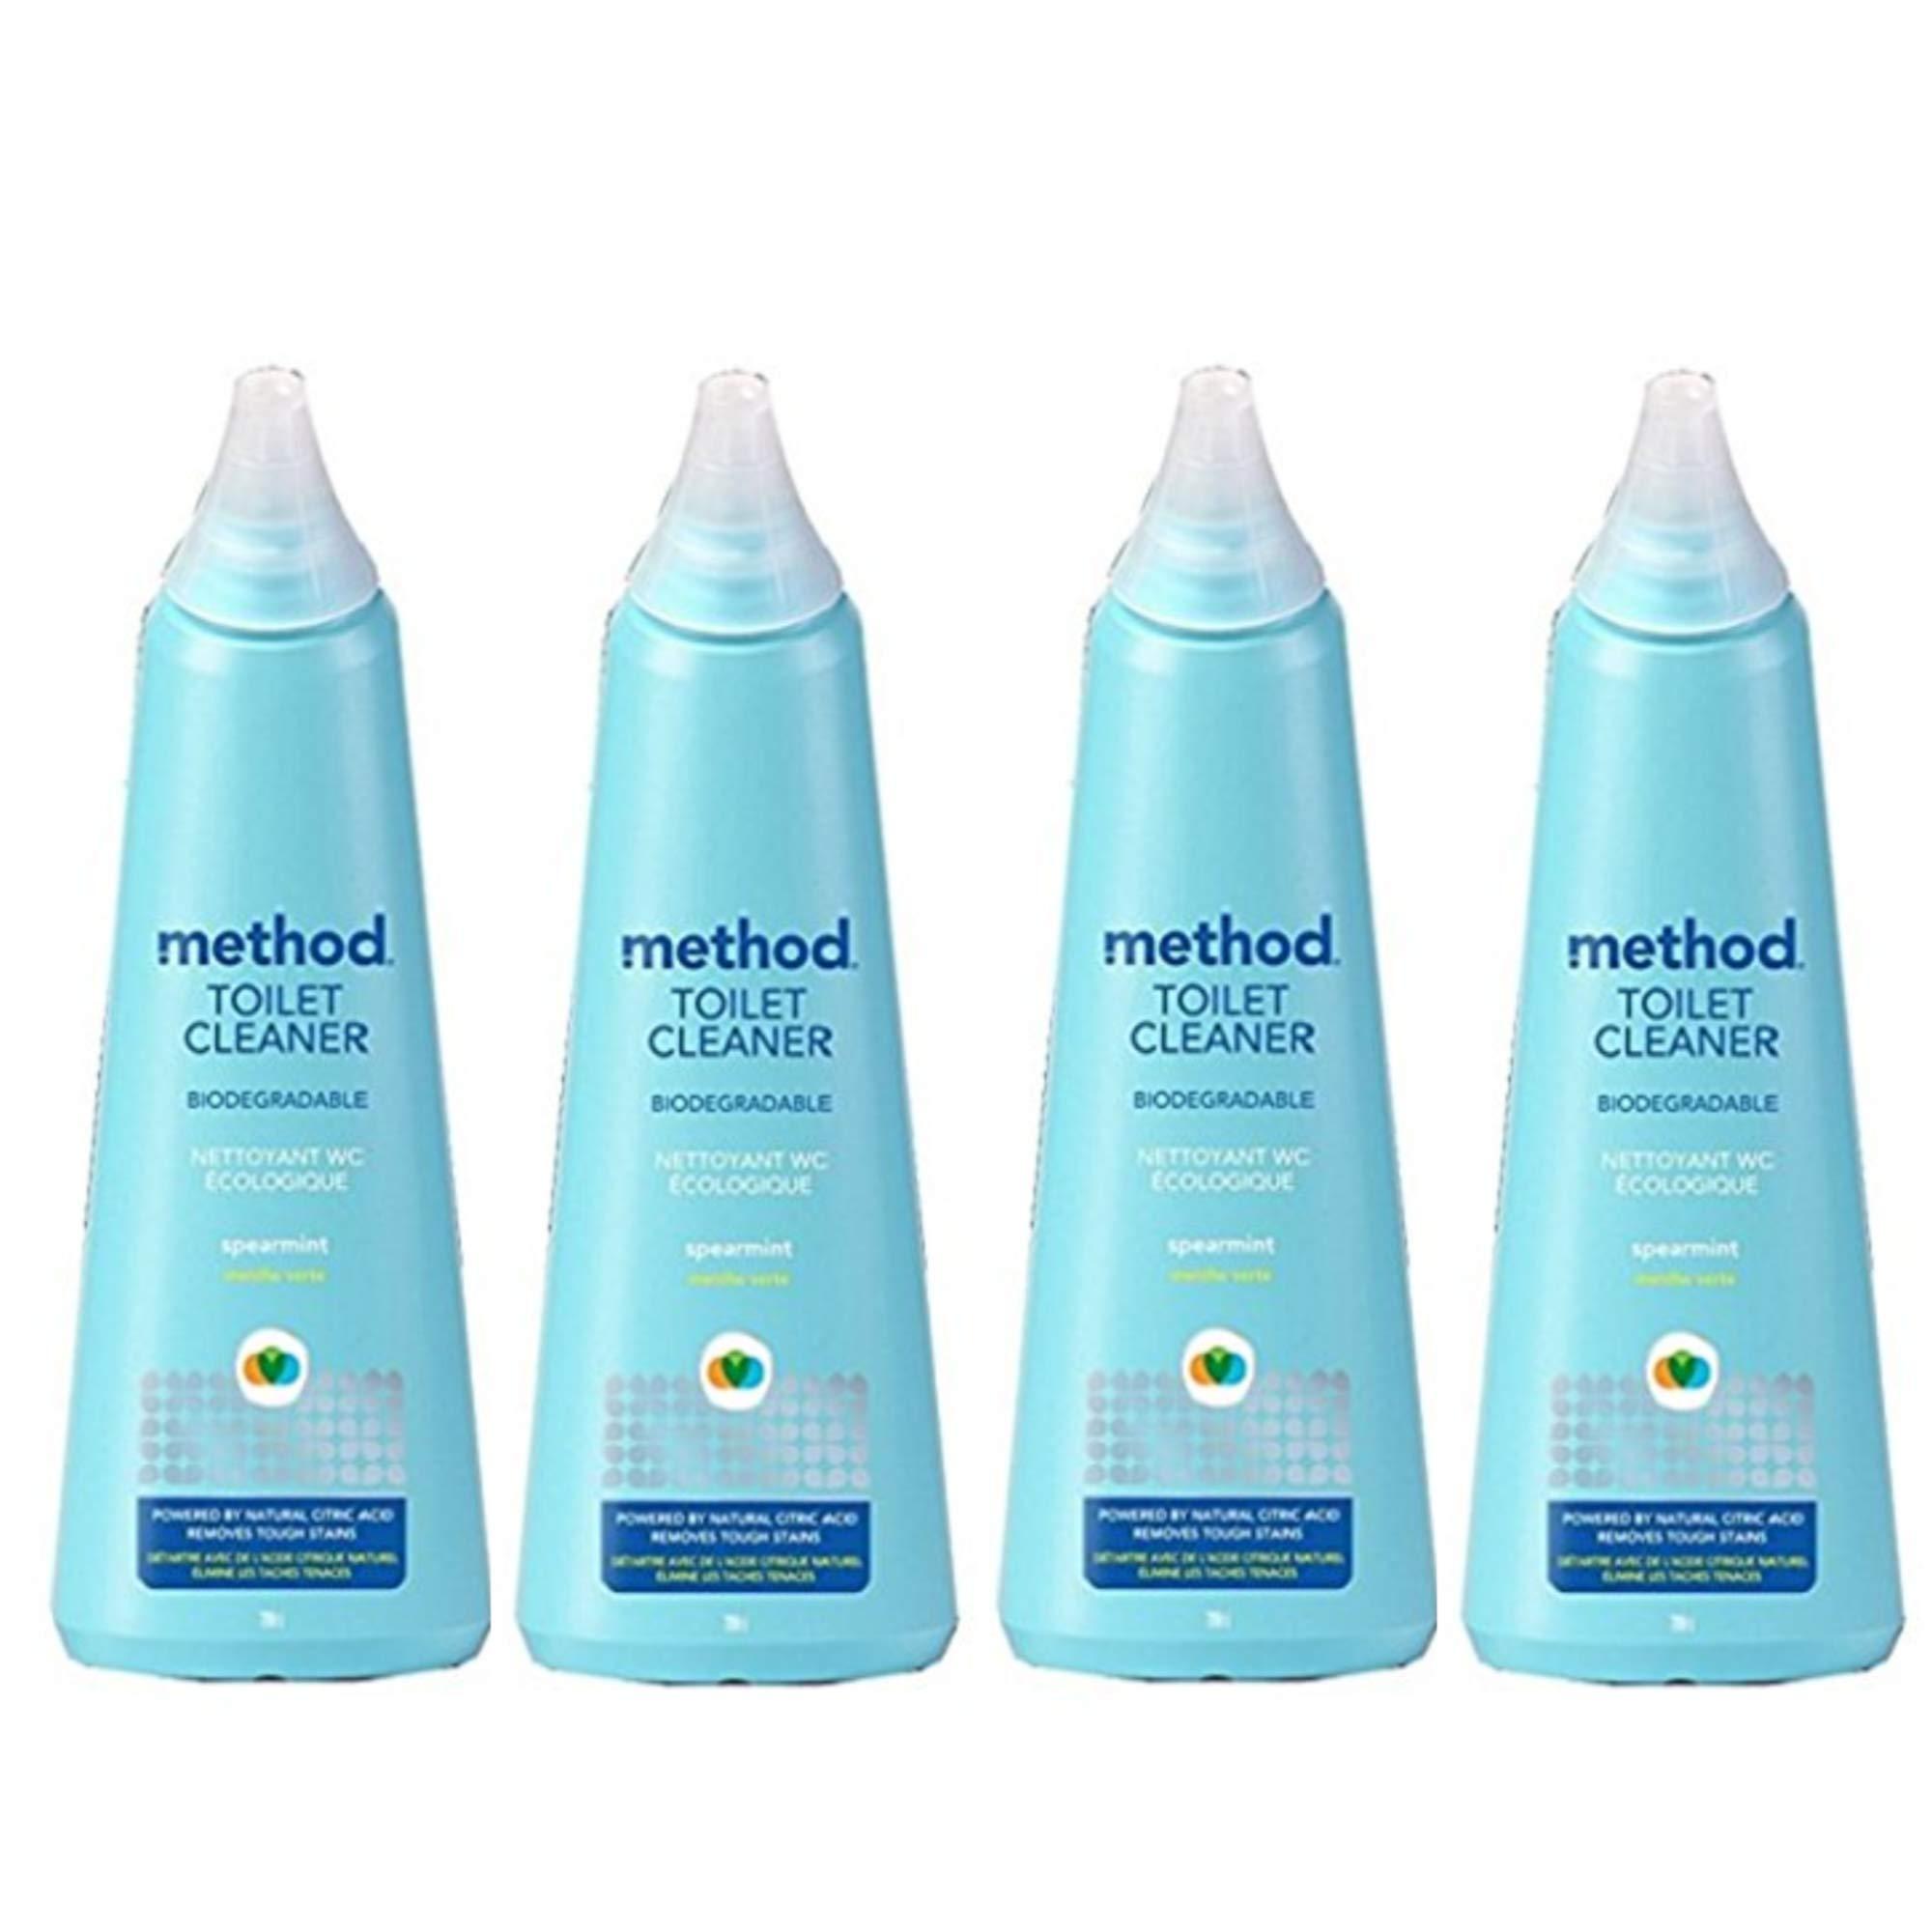 Method Antibacterial Toilet Bowl Cleaner - Spearmint - 24 oz - 4 Pack by Method